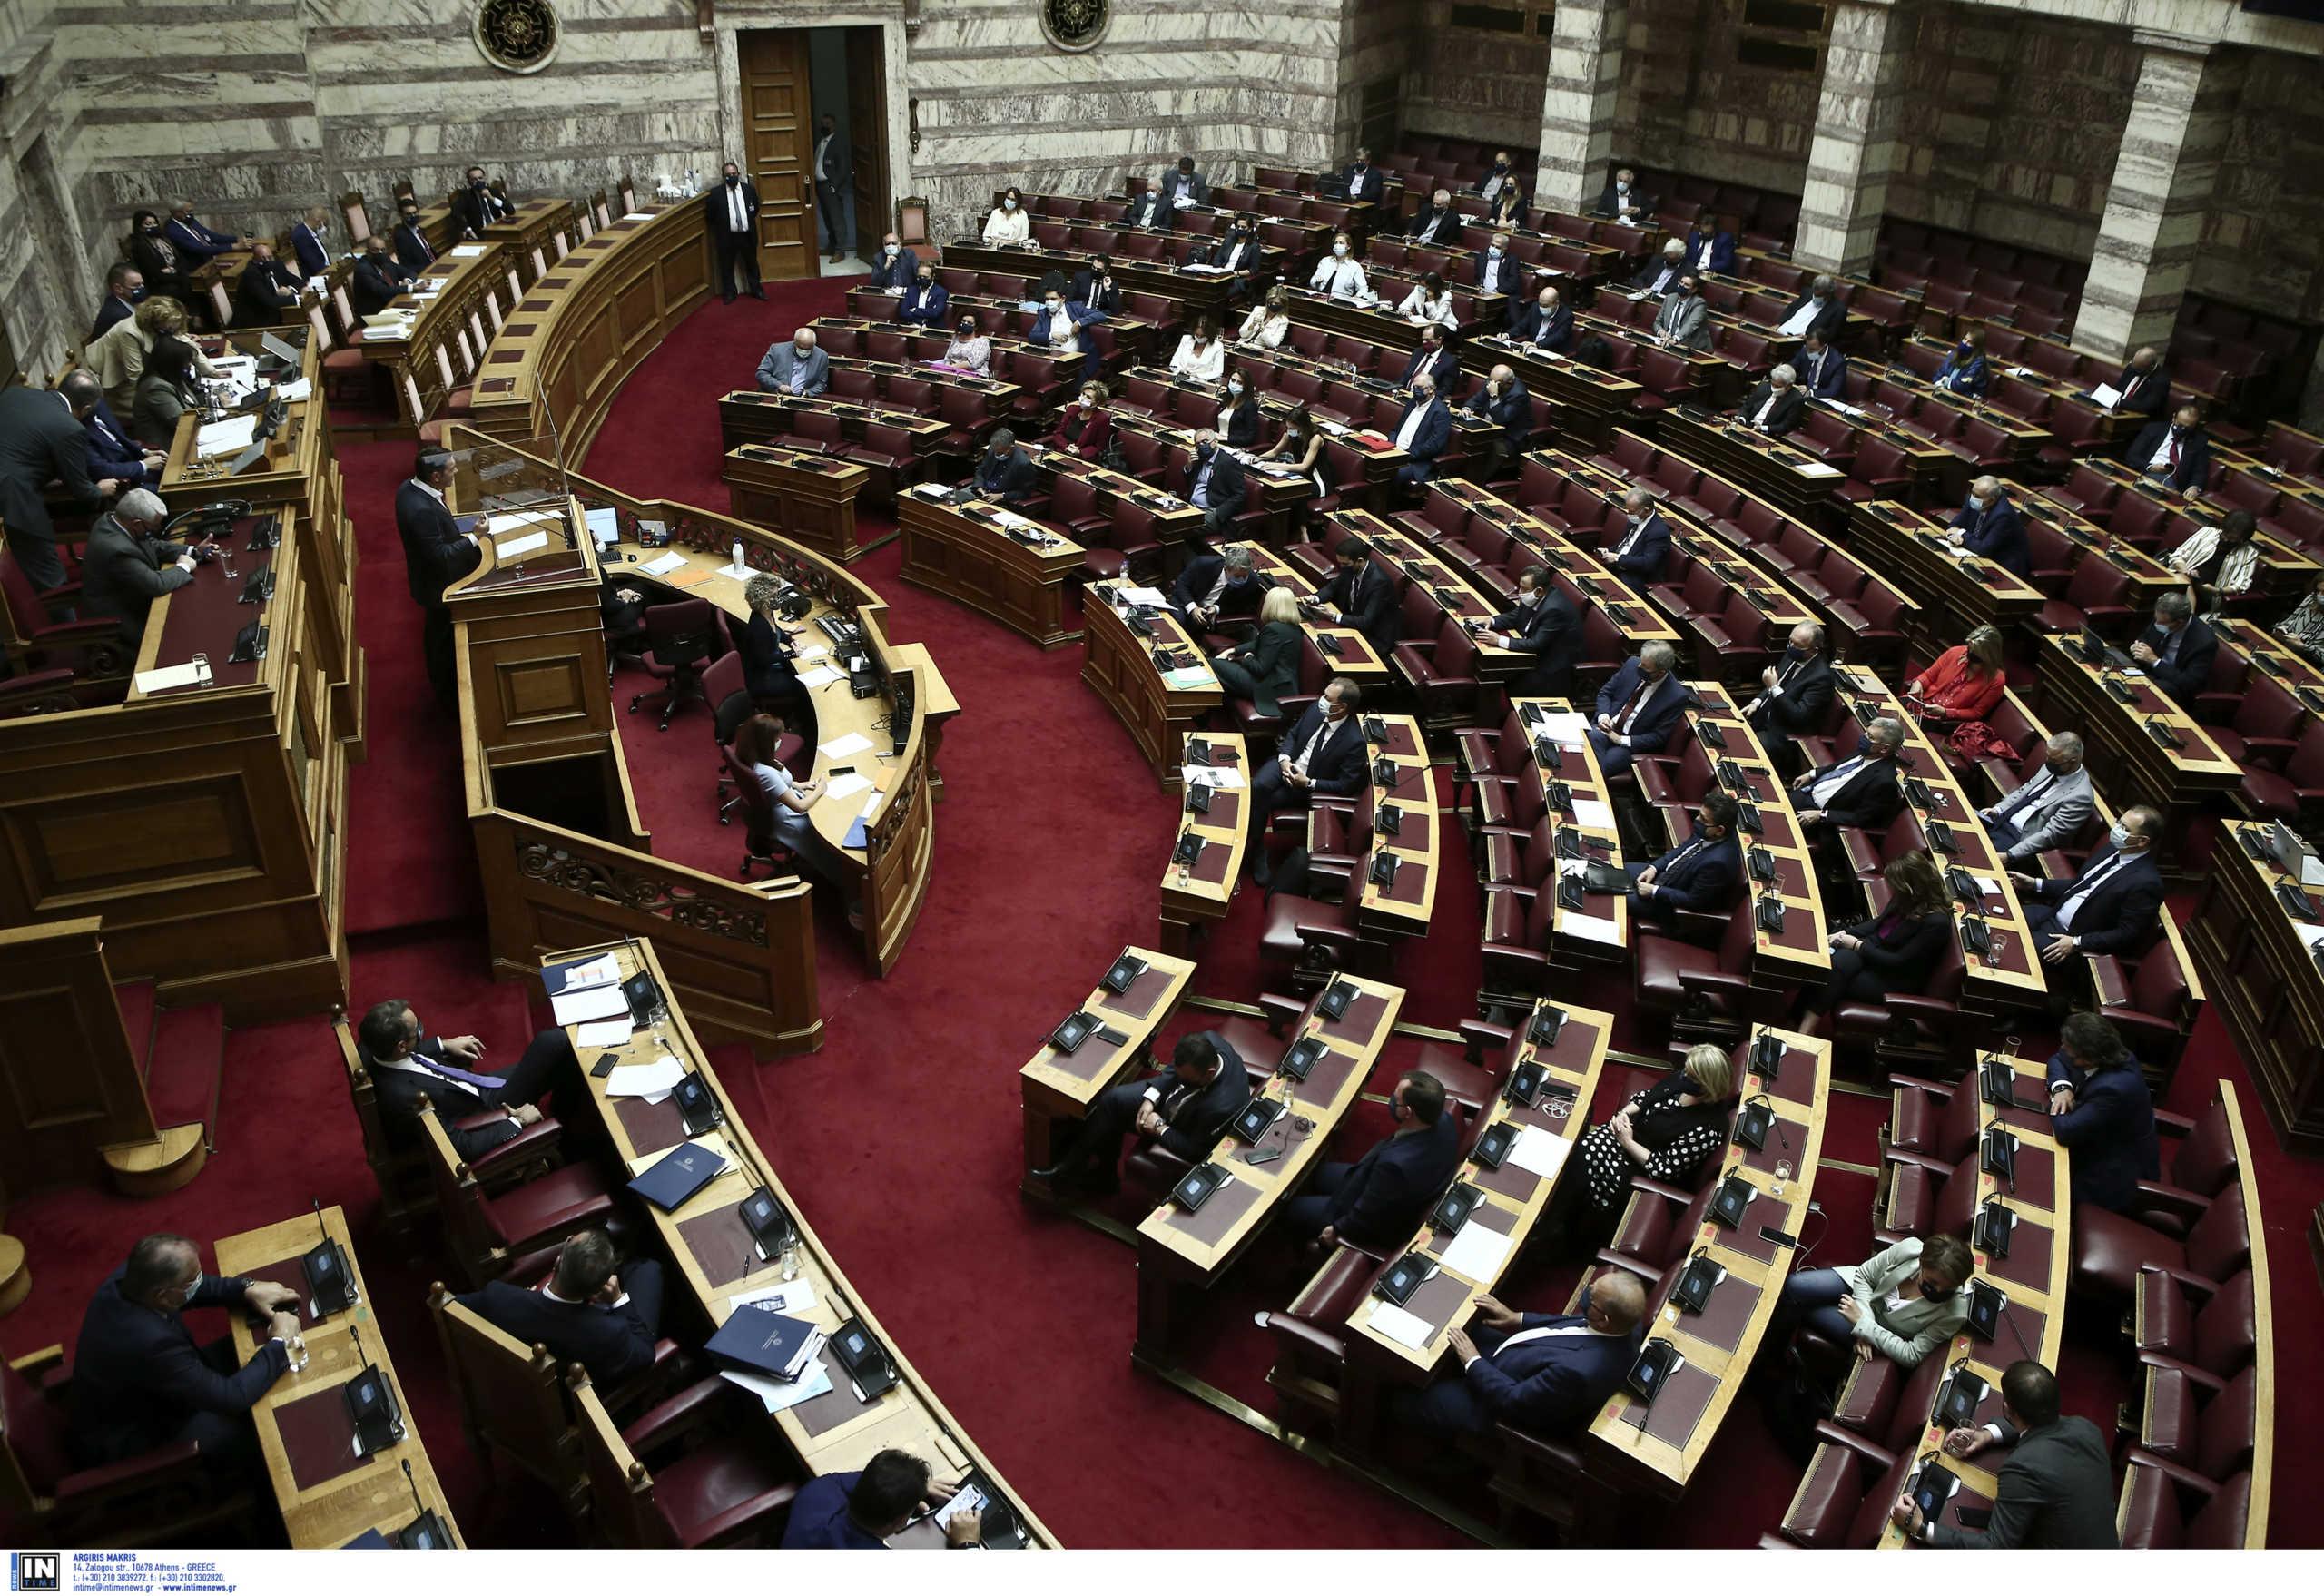 Κατατέθηκε στη Βουλή το νομοσχέδιο για τη μείωση των ασφαλιστικών εισφορών